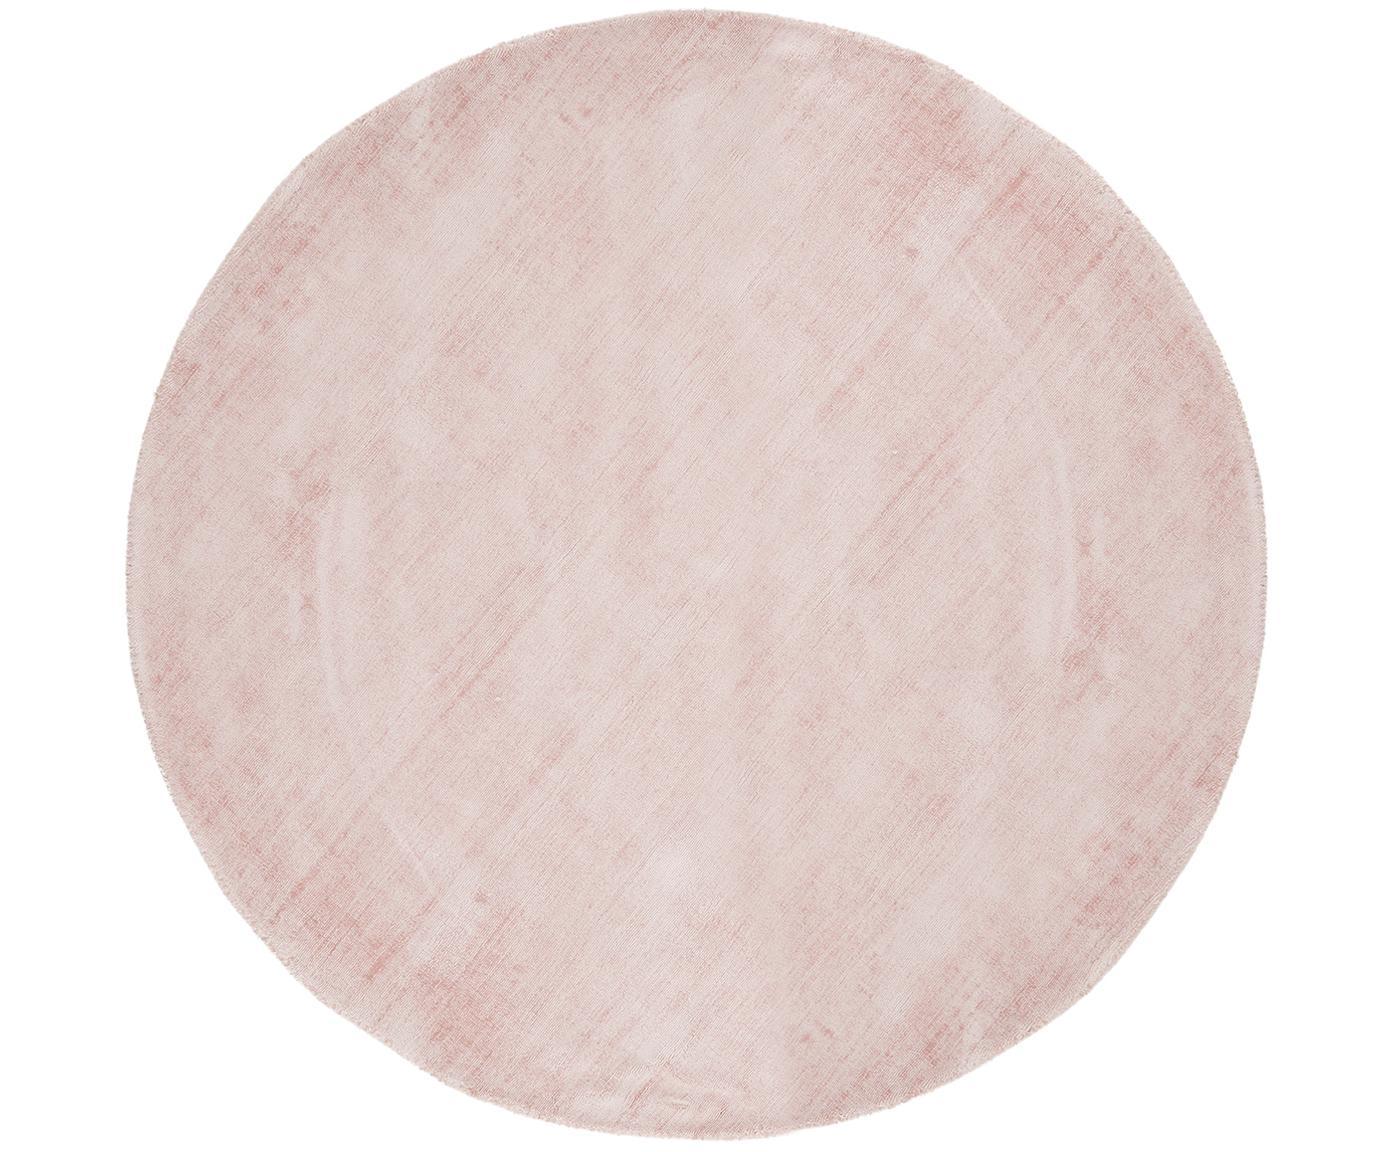 Tappeto rotondo in viscosa Jane, Vello: 100% viscosa, Retro: 100% cotone, Rosa, Ø 120 cm (taglia S)